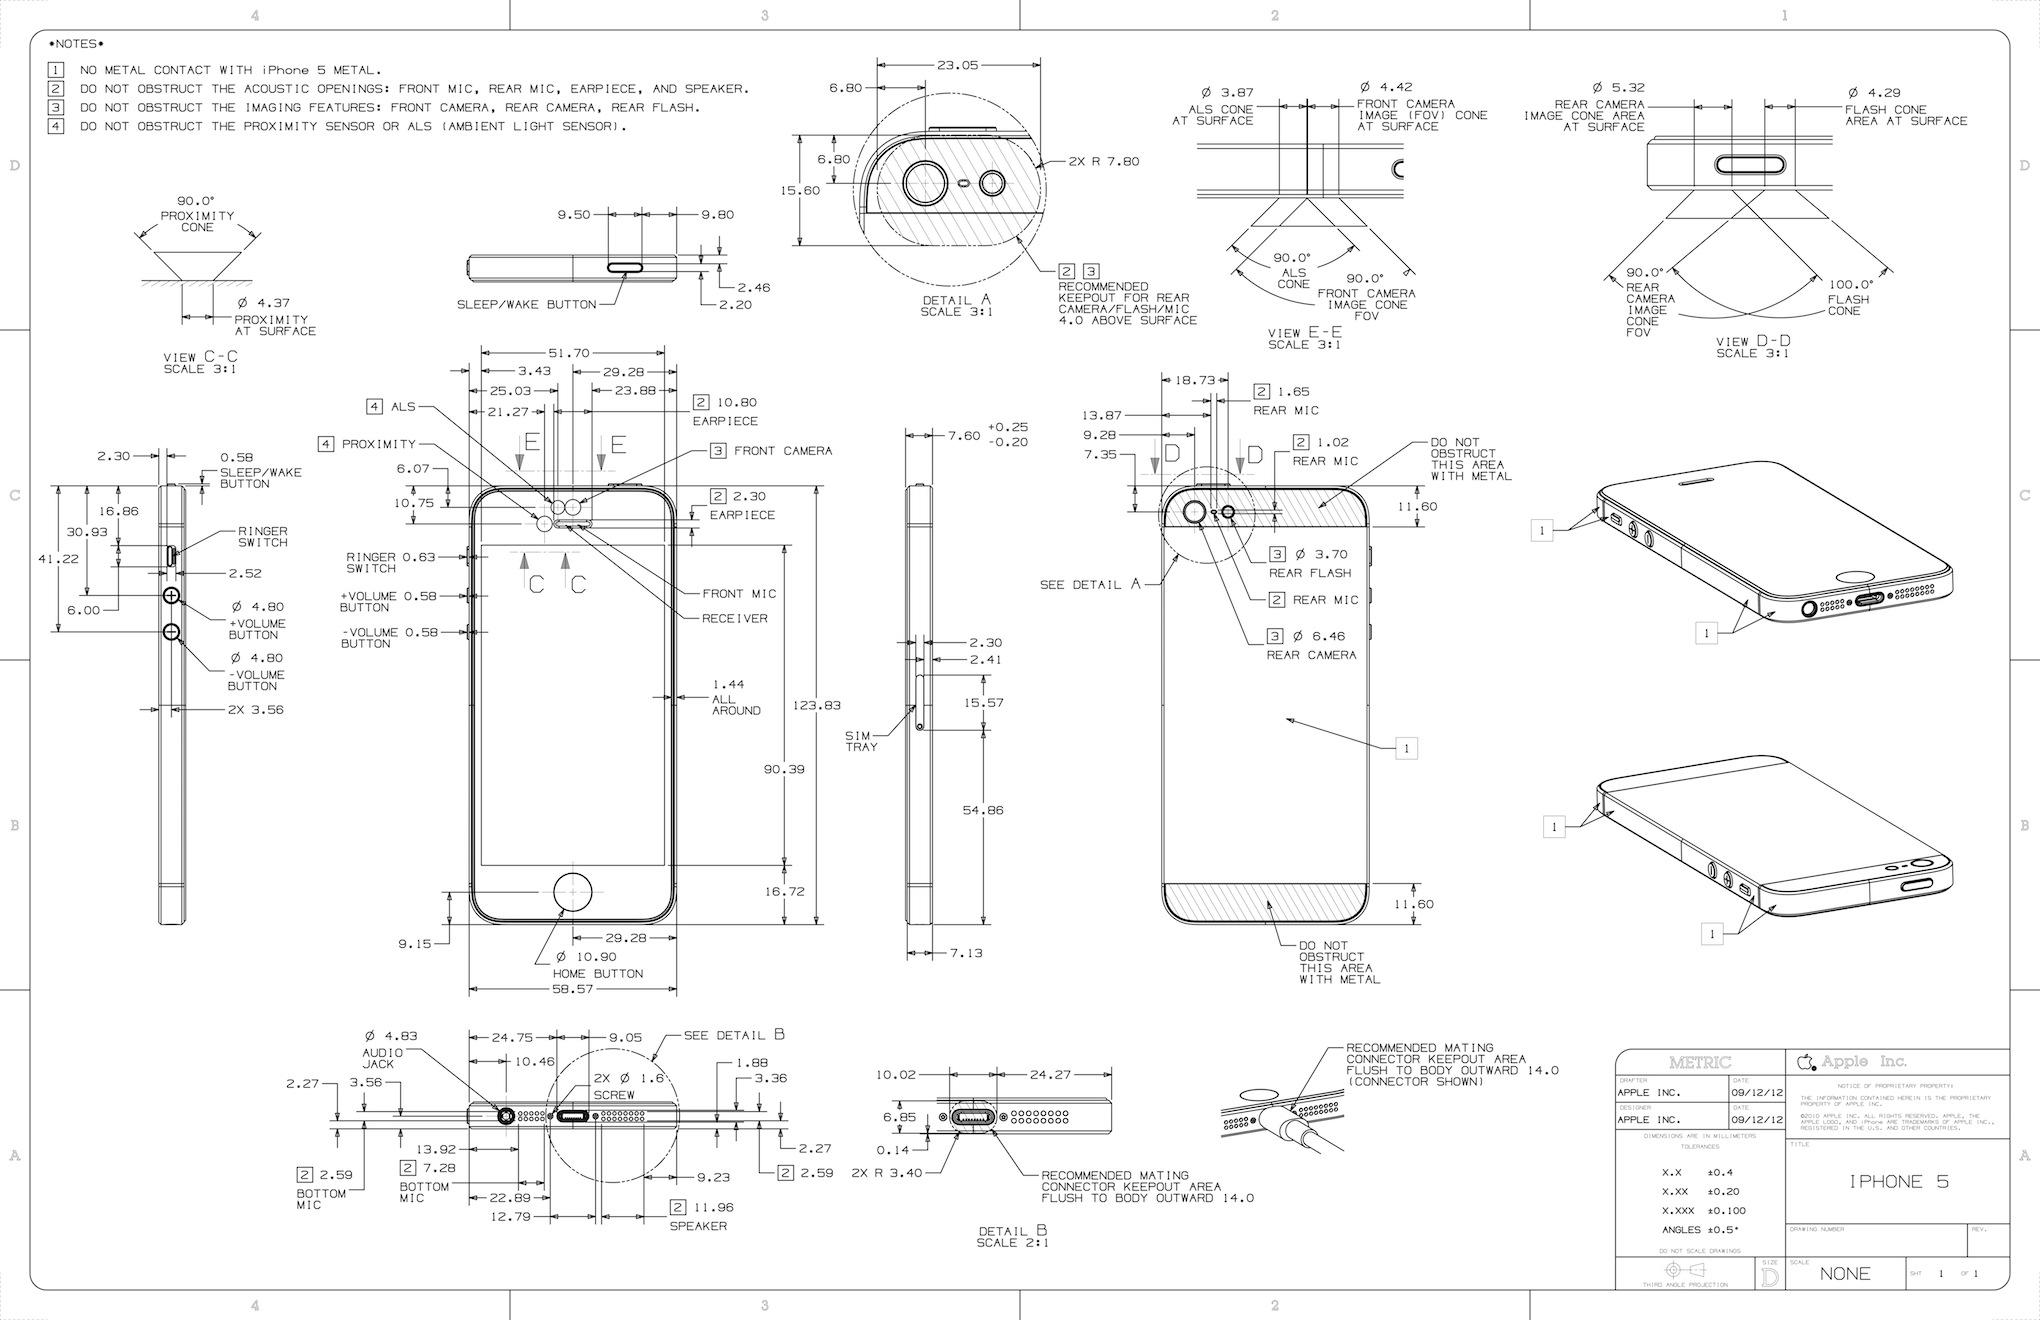 Iphone 5 schematics maps graphs schematics pinterest iphone 5 schematics helpful for designing accessoriescases malvernweather Choice Image